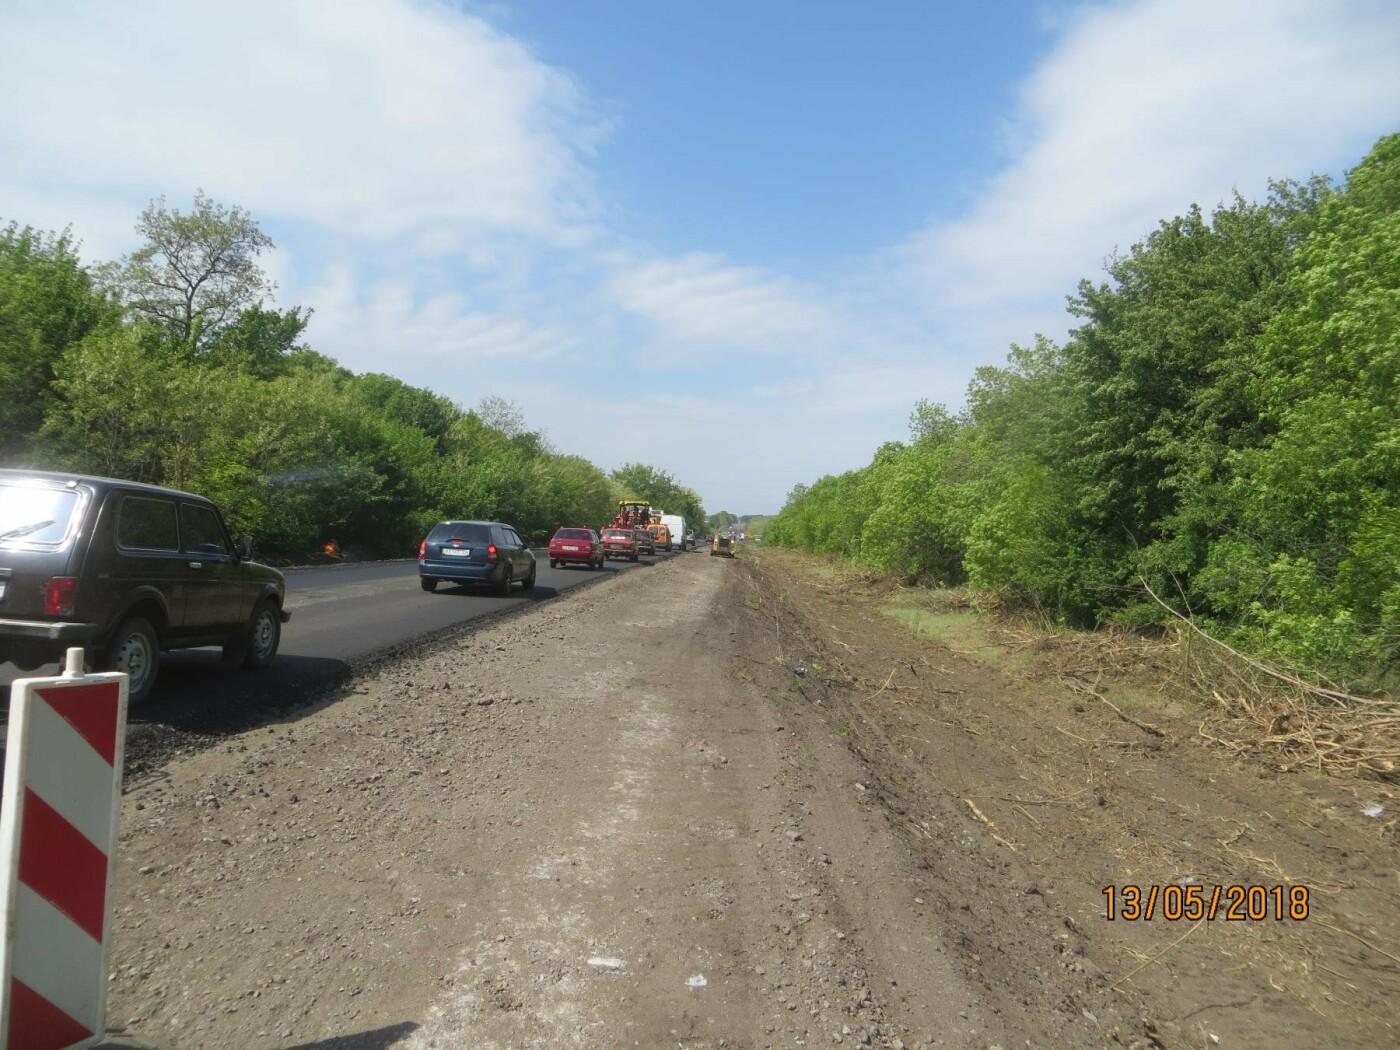 Служба автомобильных дорог ремонтирует дорогу Харьков-Ахтырка, фото-1